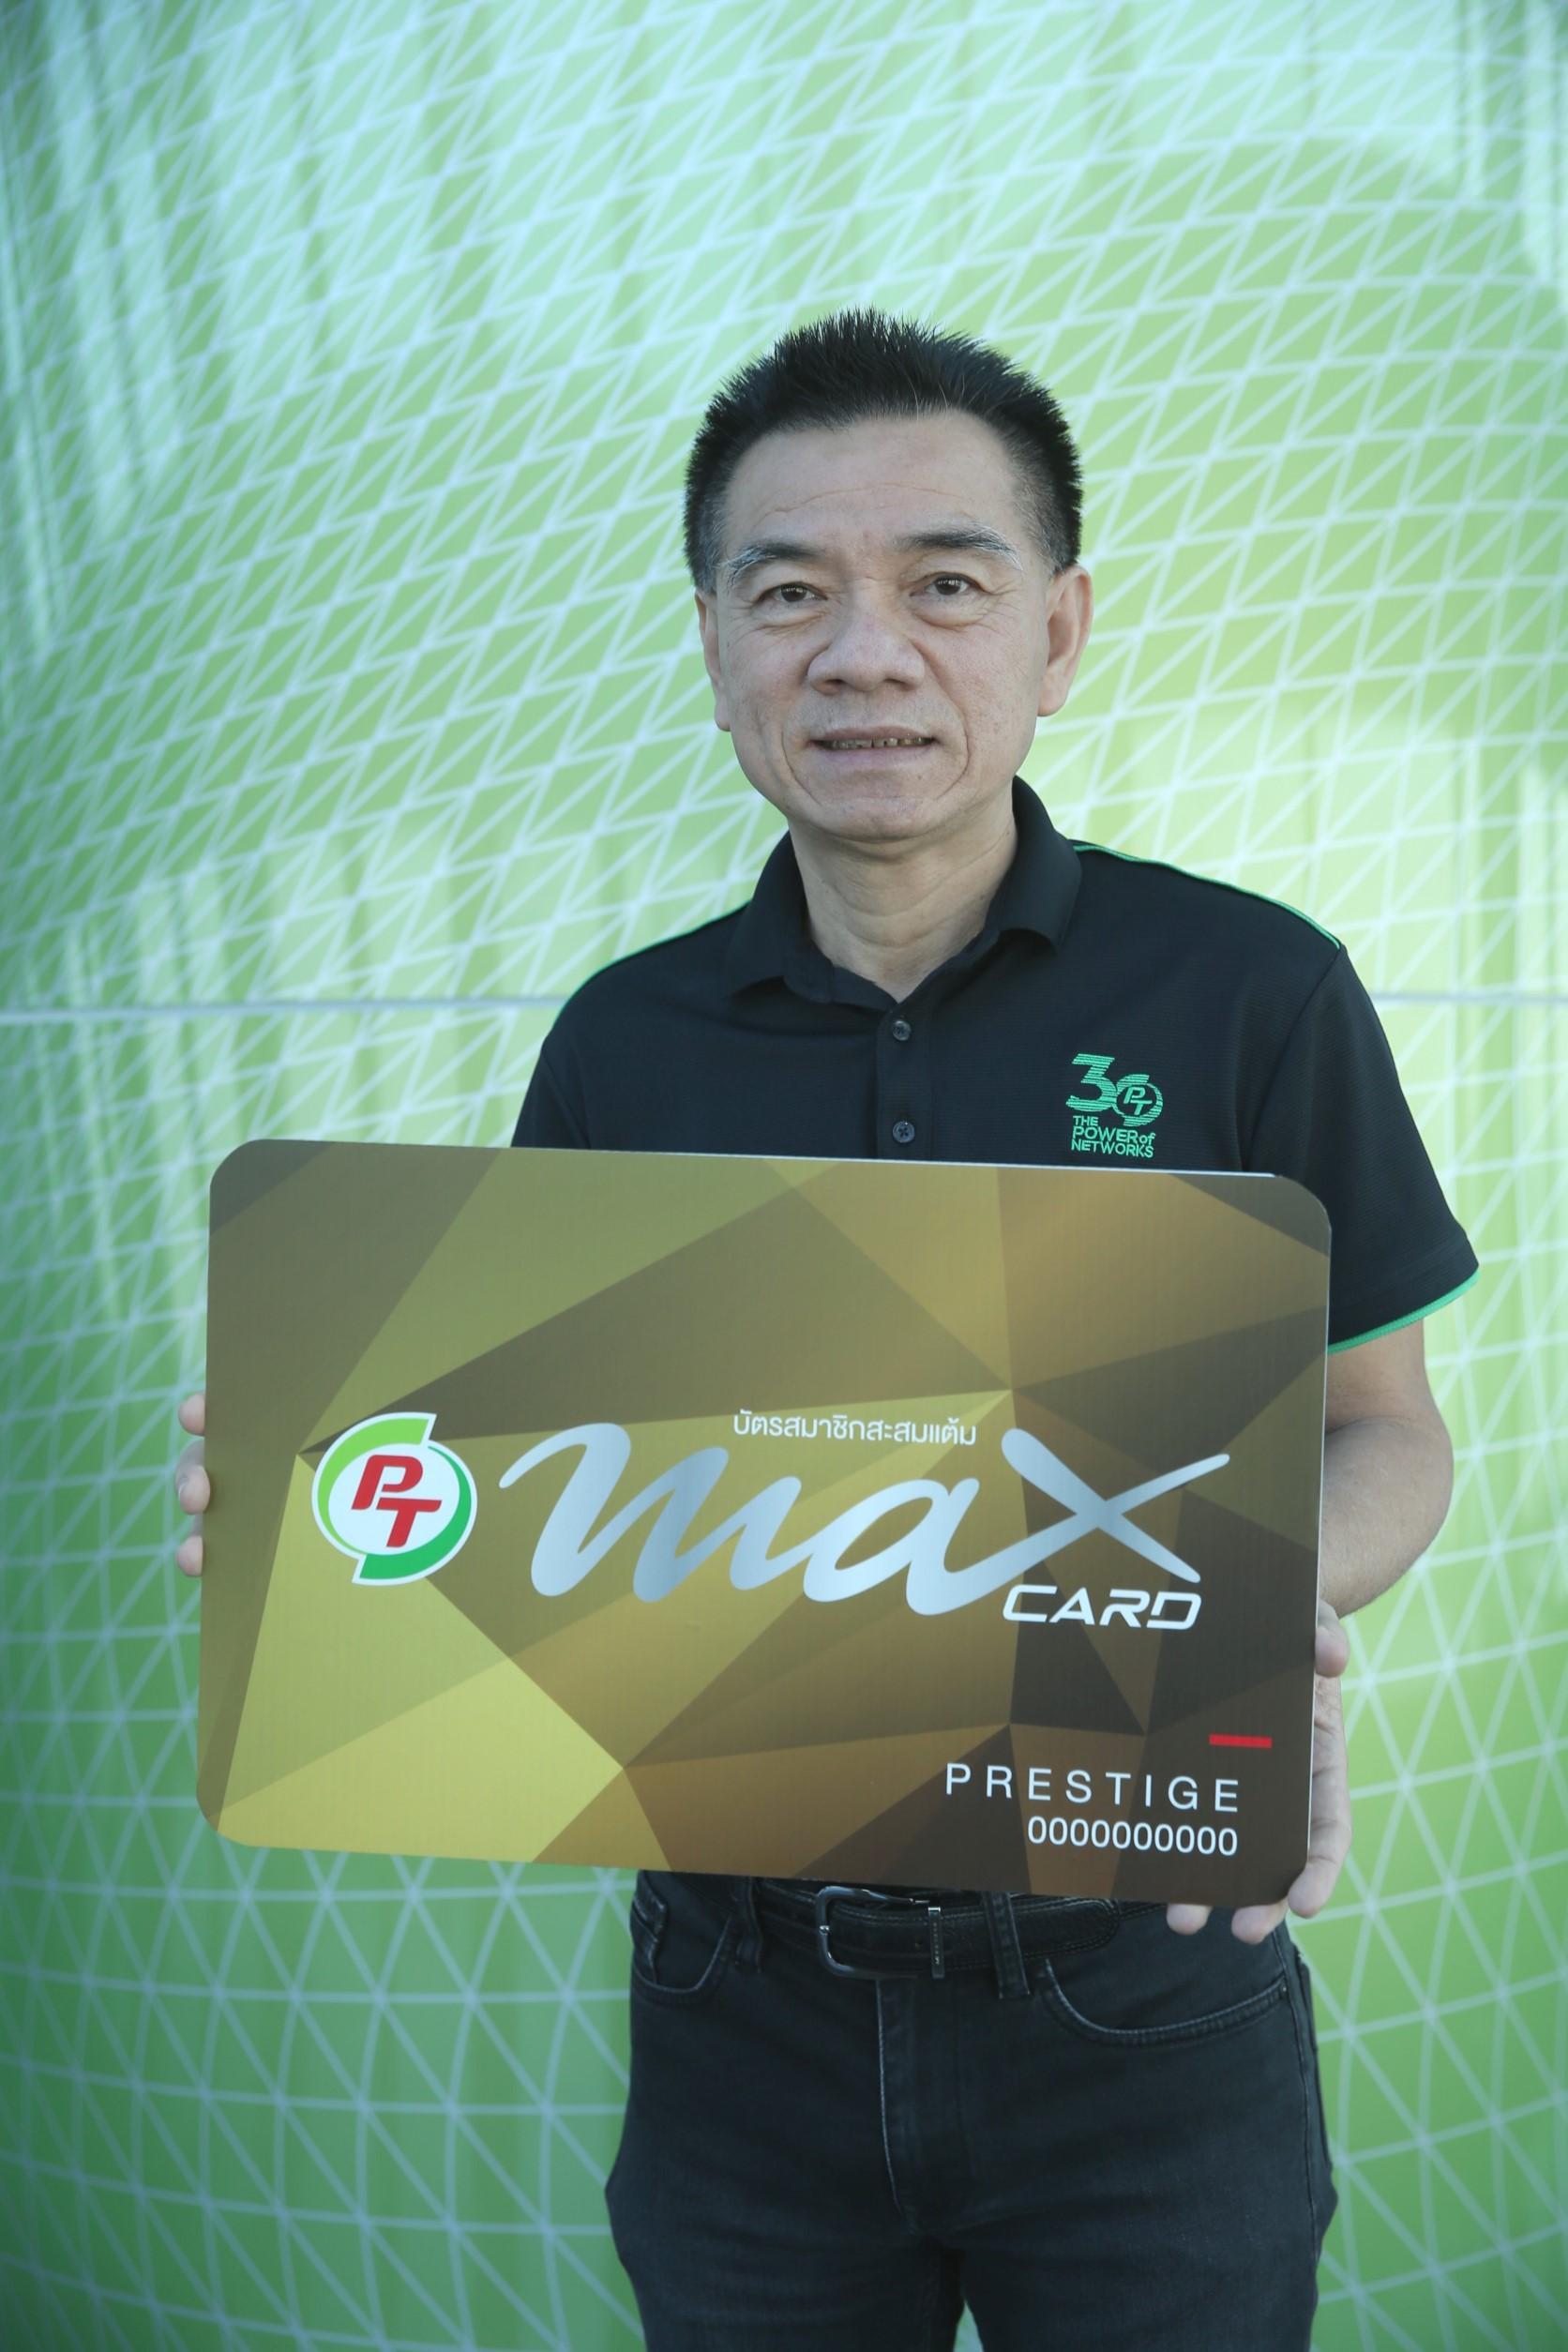 พีทีจี ส่งความสุขต้อนรับปี 63 ด้วย PT Max Card ระดับ Prestige